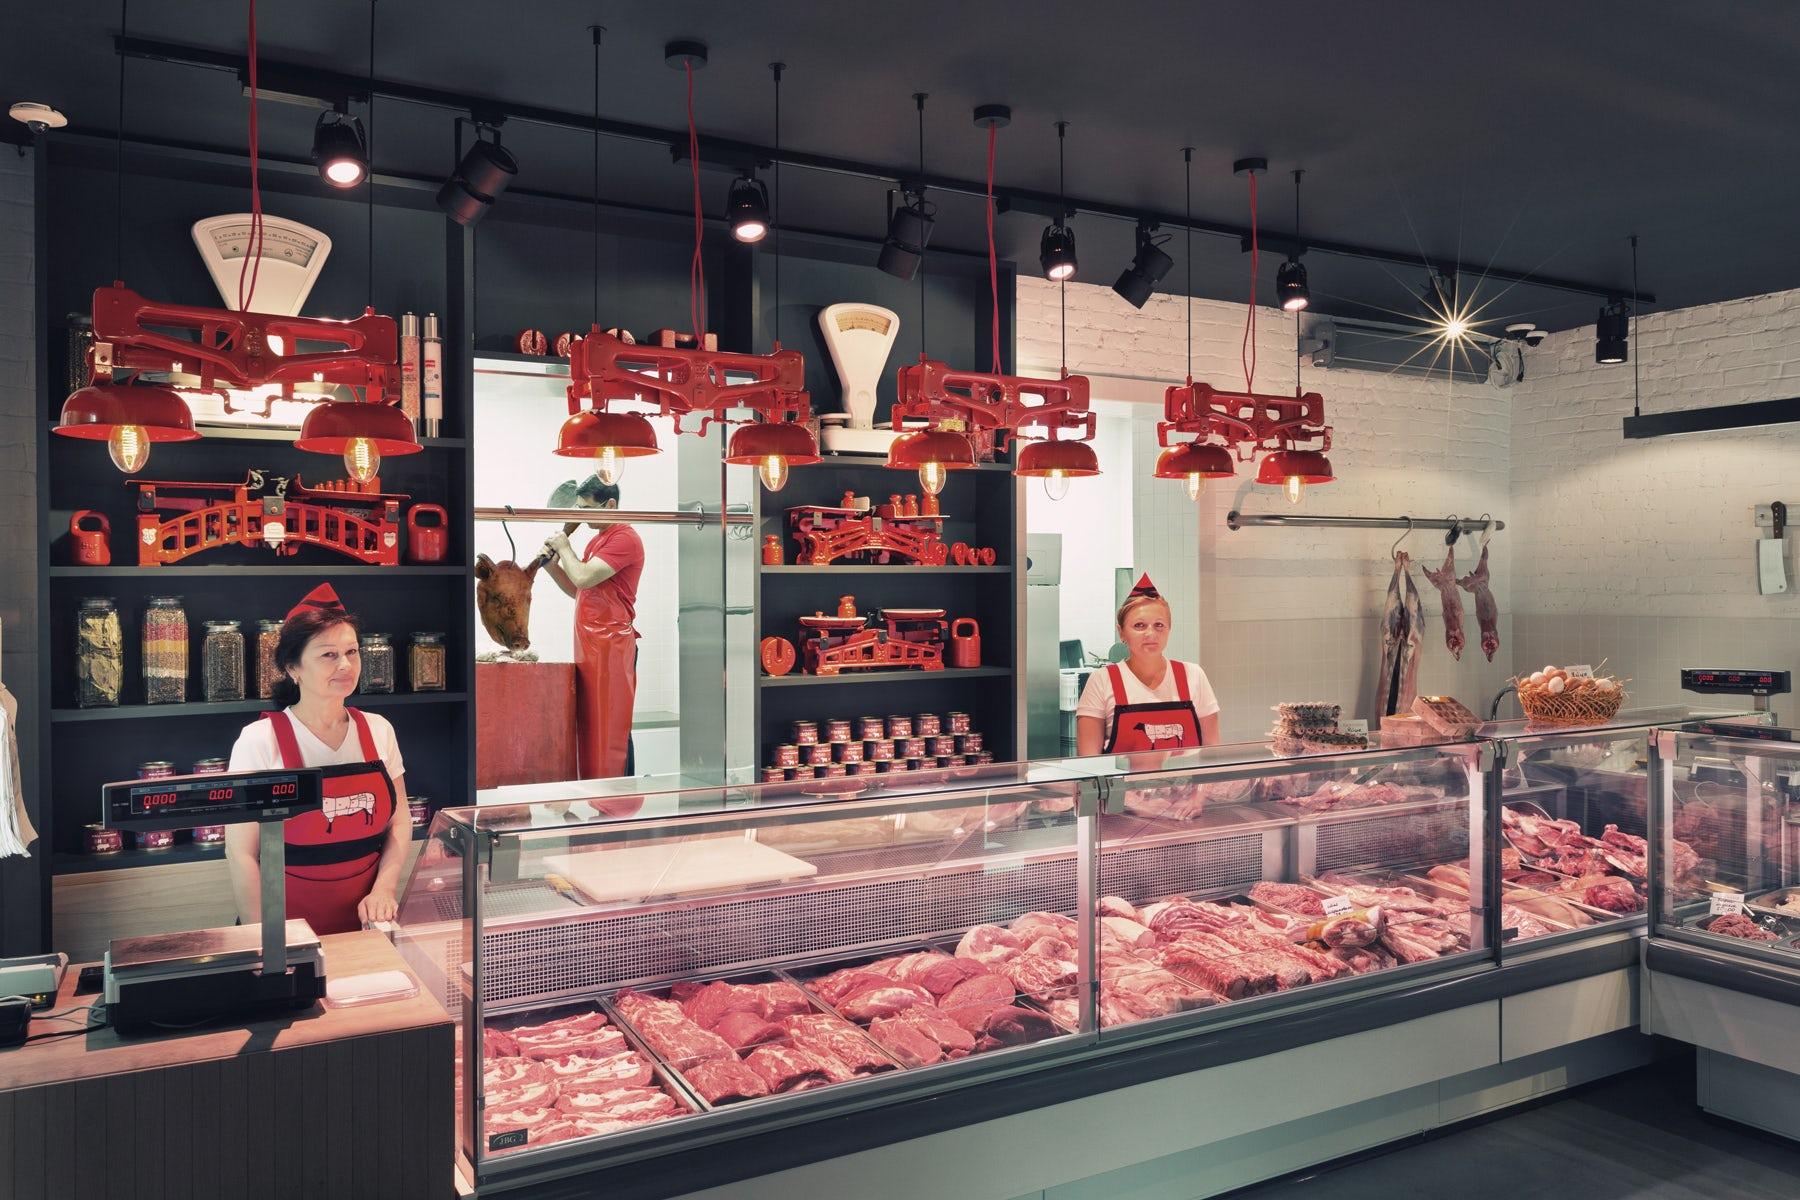 лично картинка для мясного магазина предлагаю несколько примеров